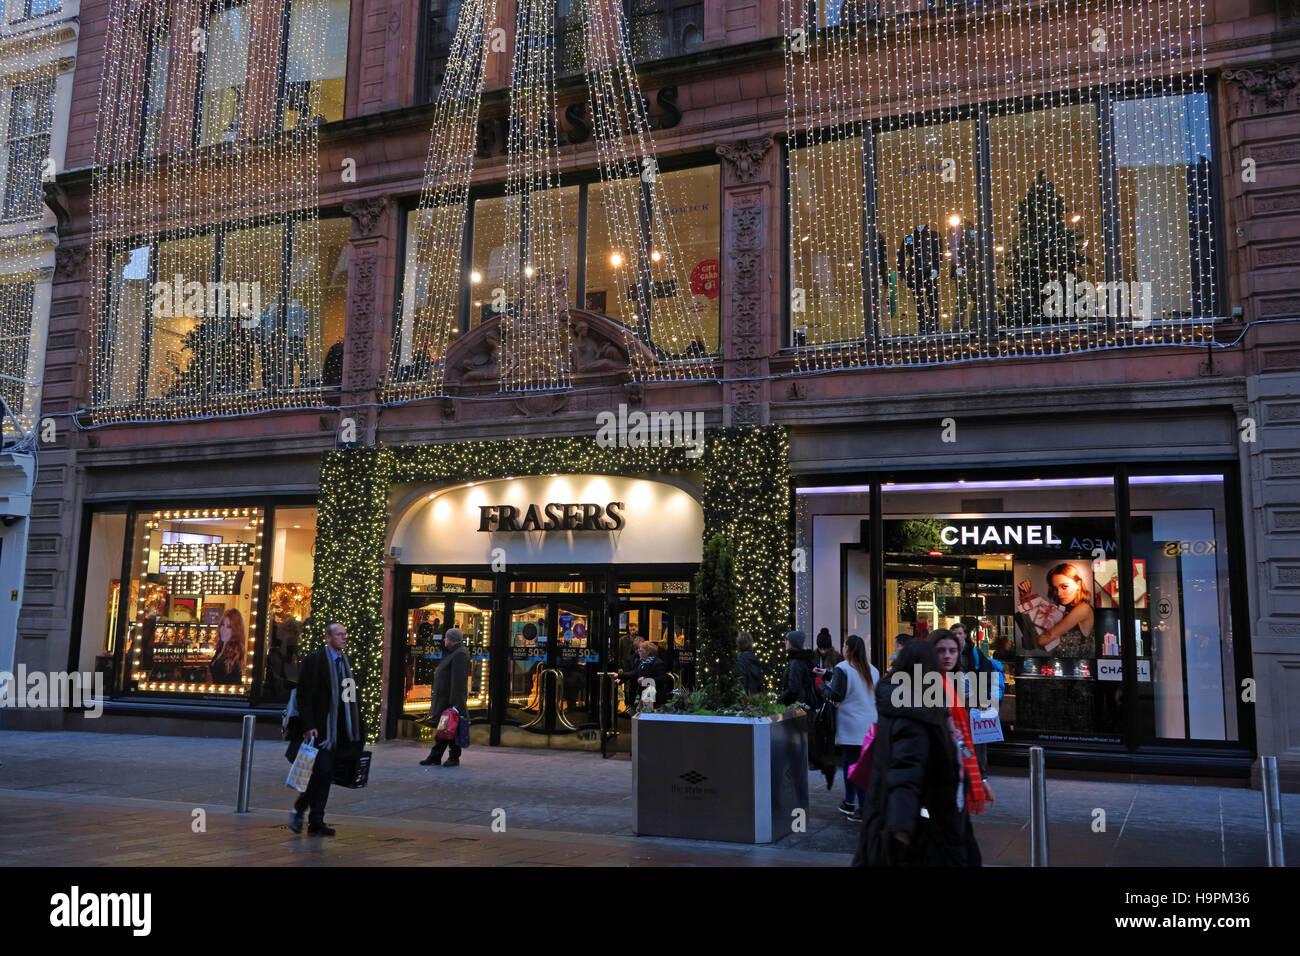 Laden Sie dieses Alamy Stockfoto Fraser Dept Store, 45 Buchanan St, Weihnachten, Glasgow, Schottland, UK - H9PM36